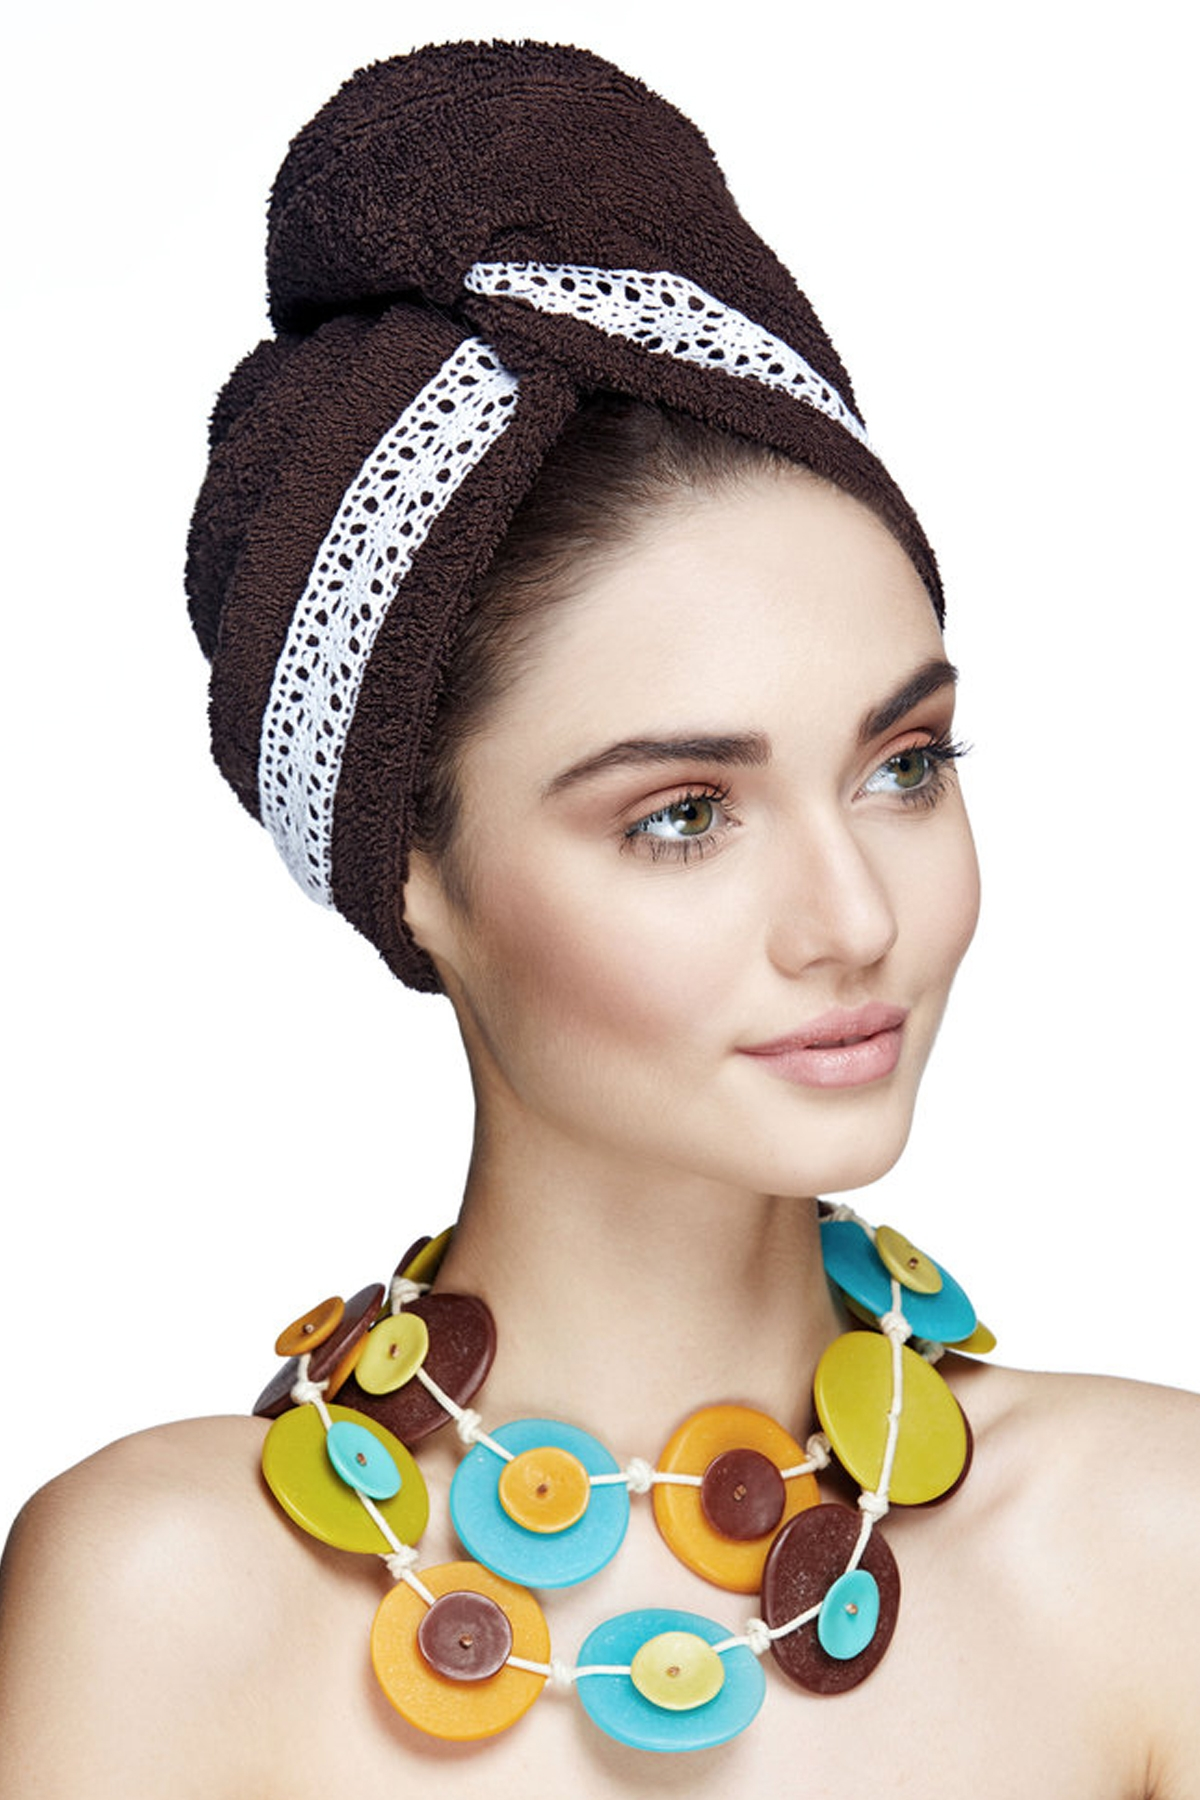 Кърпа за коса GRACE BROWN - ЗА БОЯДИСАНИ КОСИ / AGLIQUE